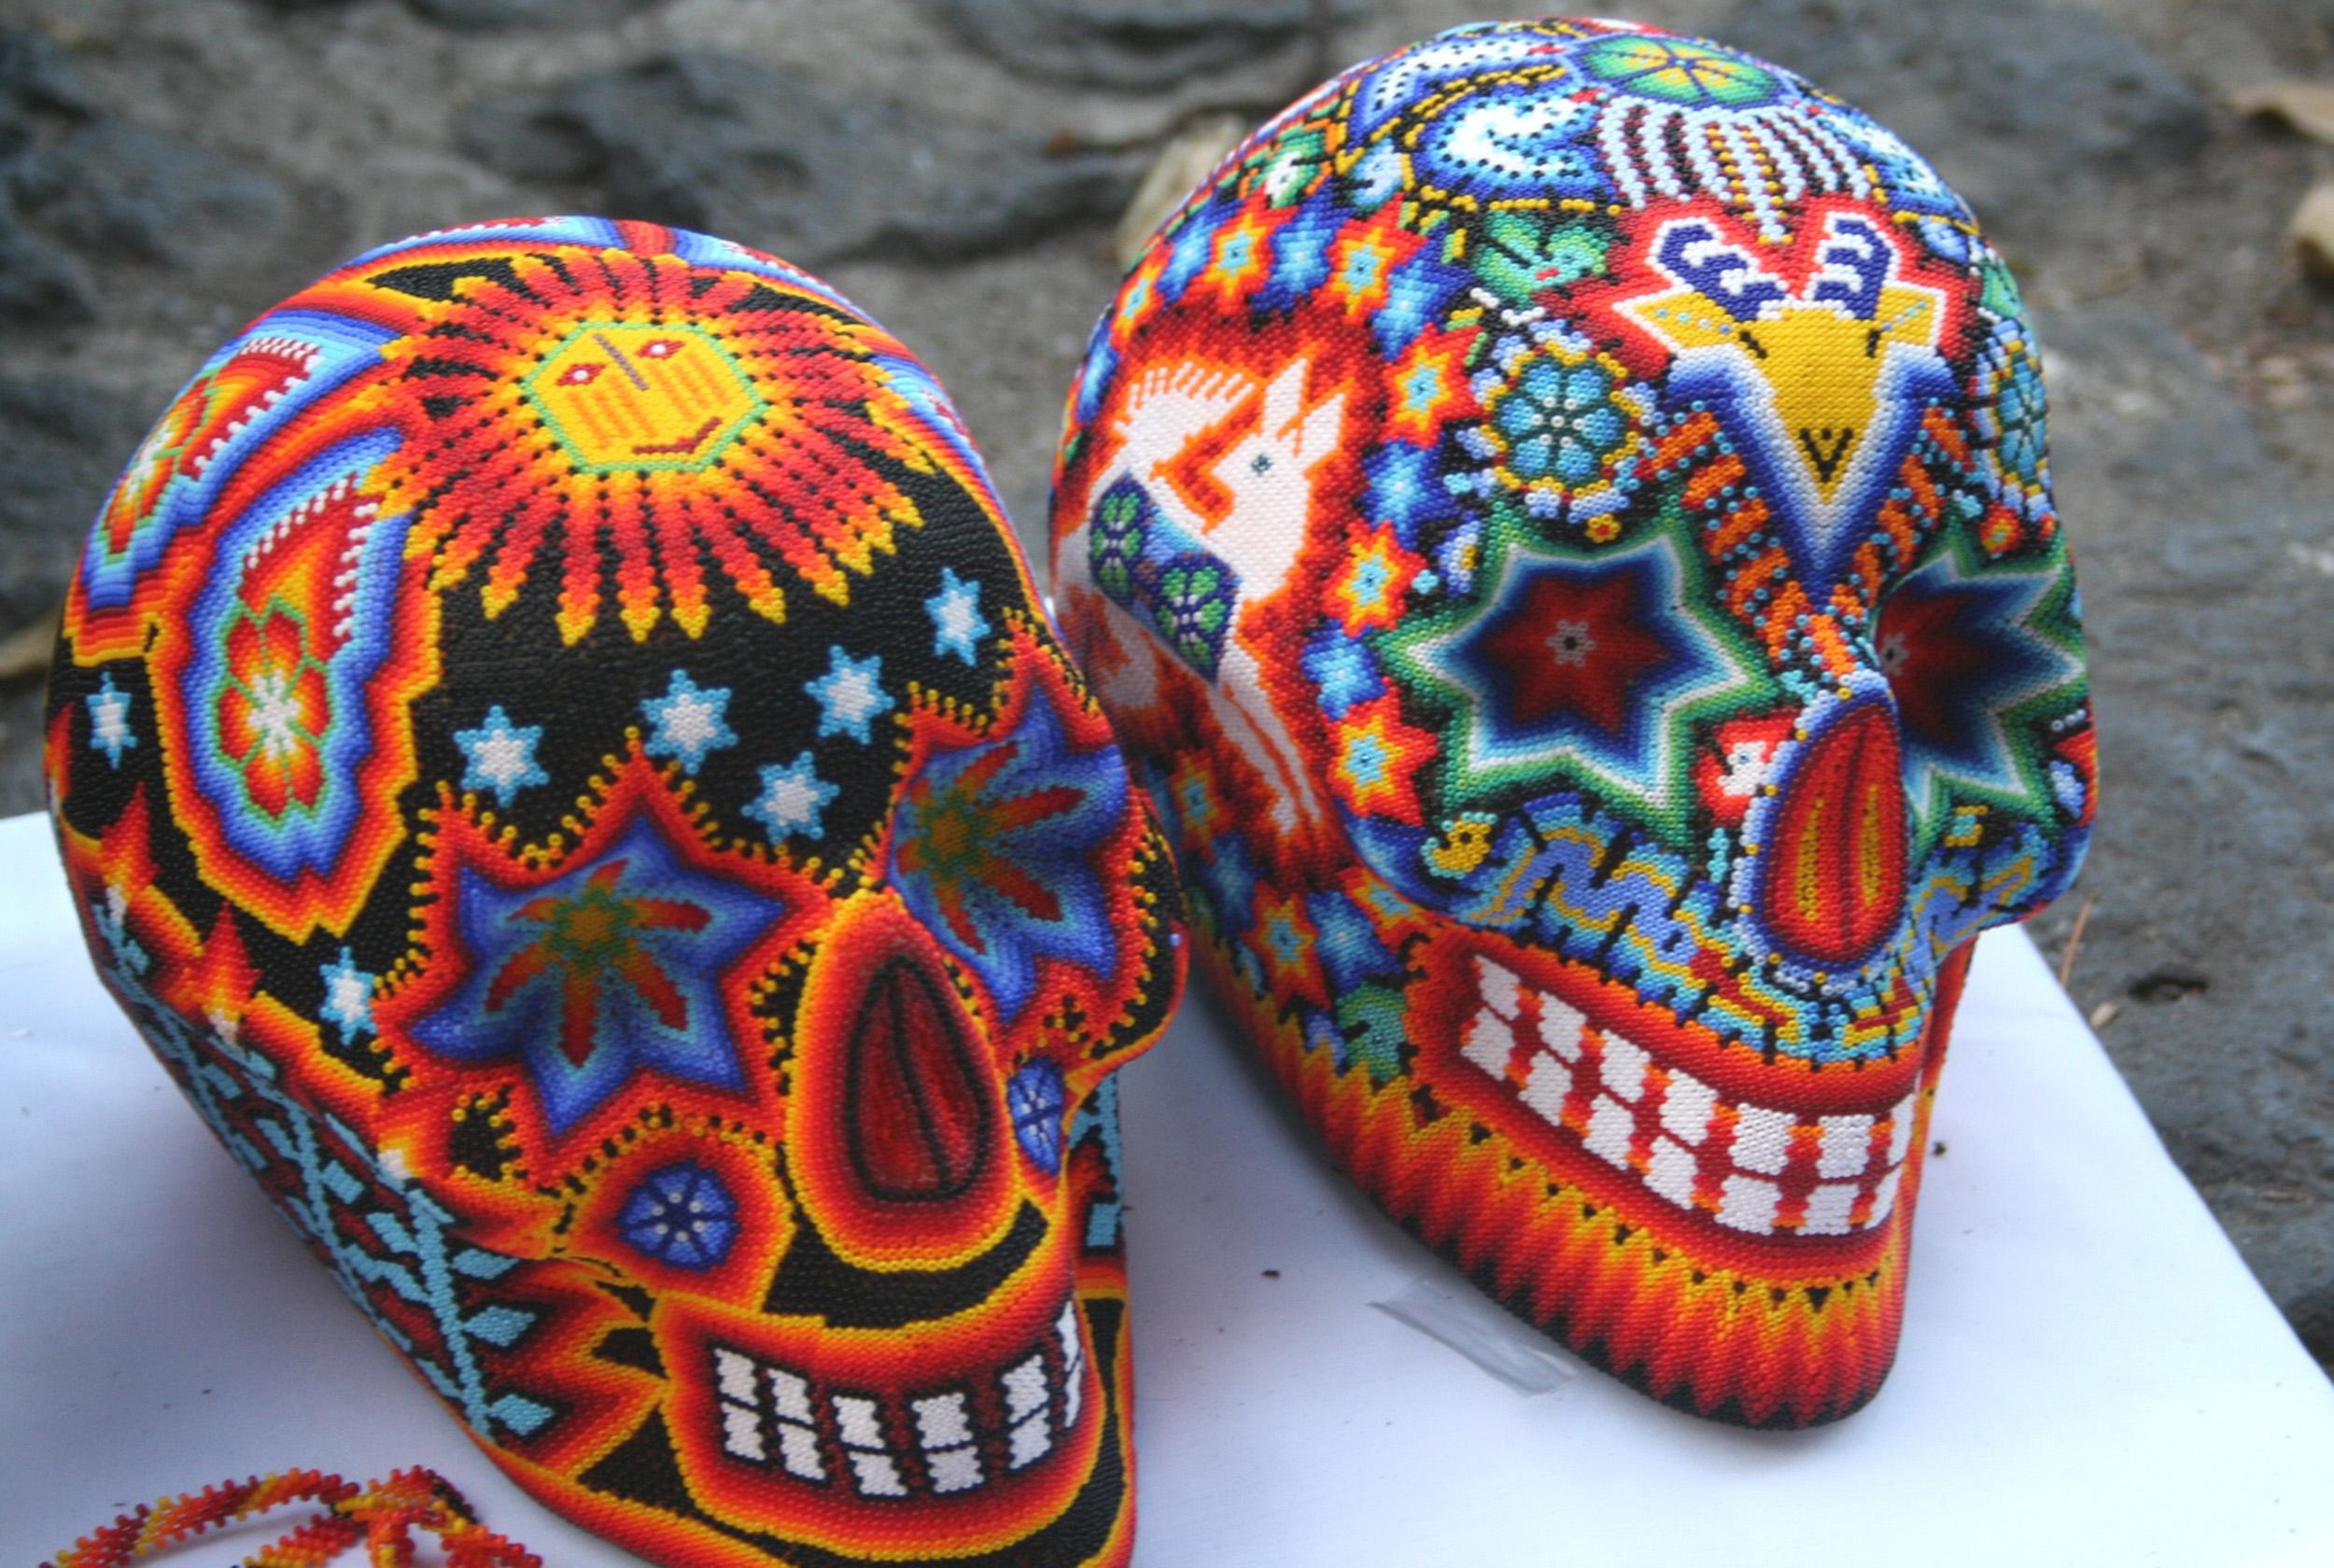 On location - Mexico City, Mexico